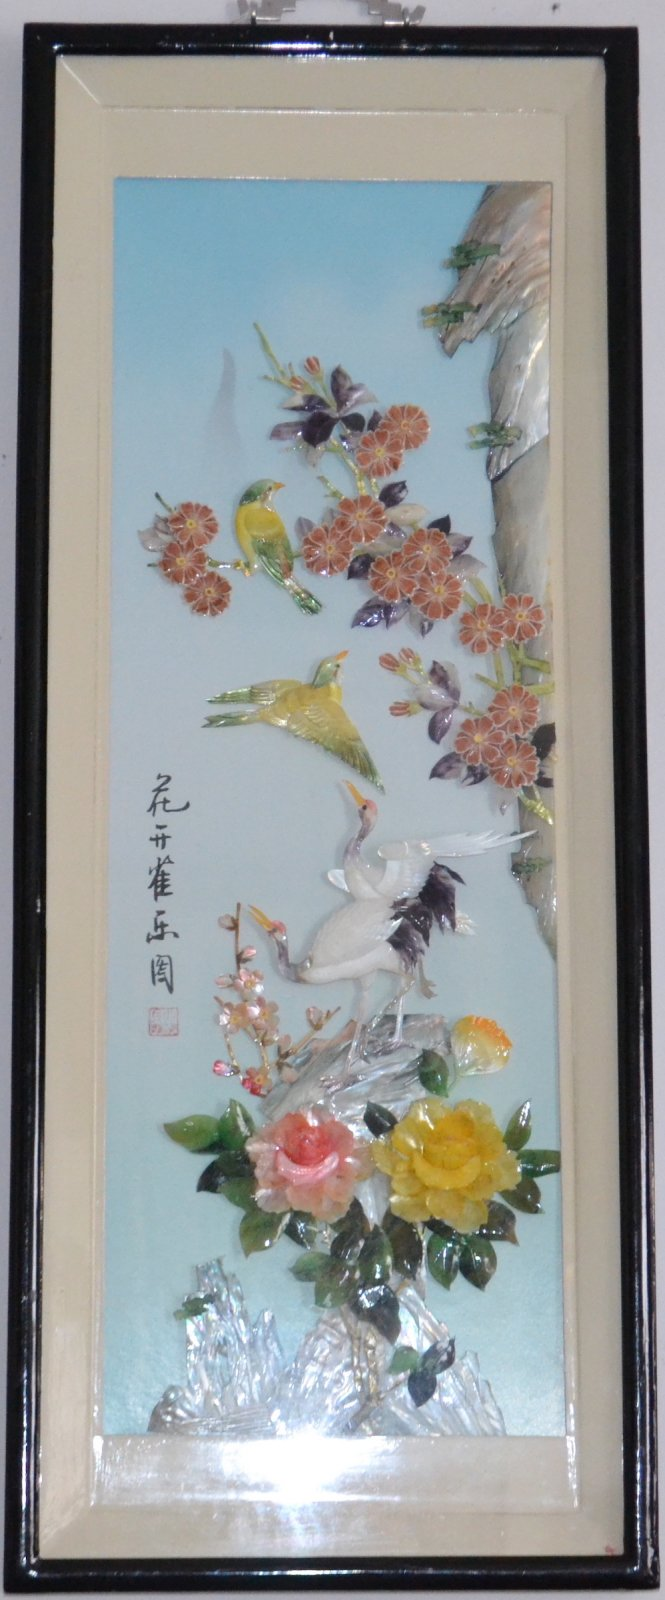 Chinese framed shell art